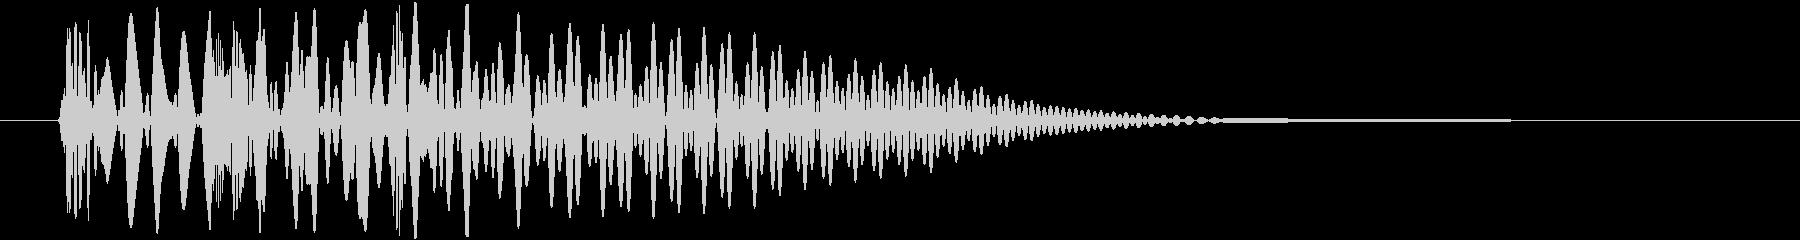 決定_タップ_クリック_200719の未再生の波形